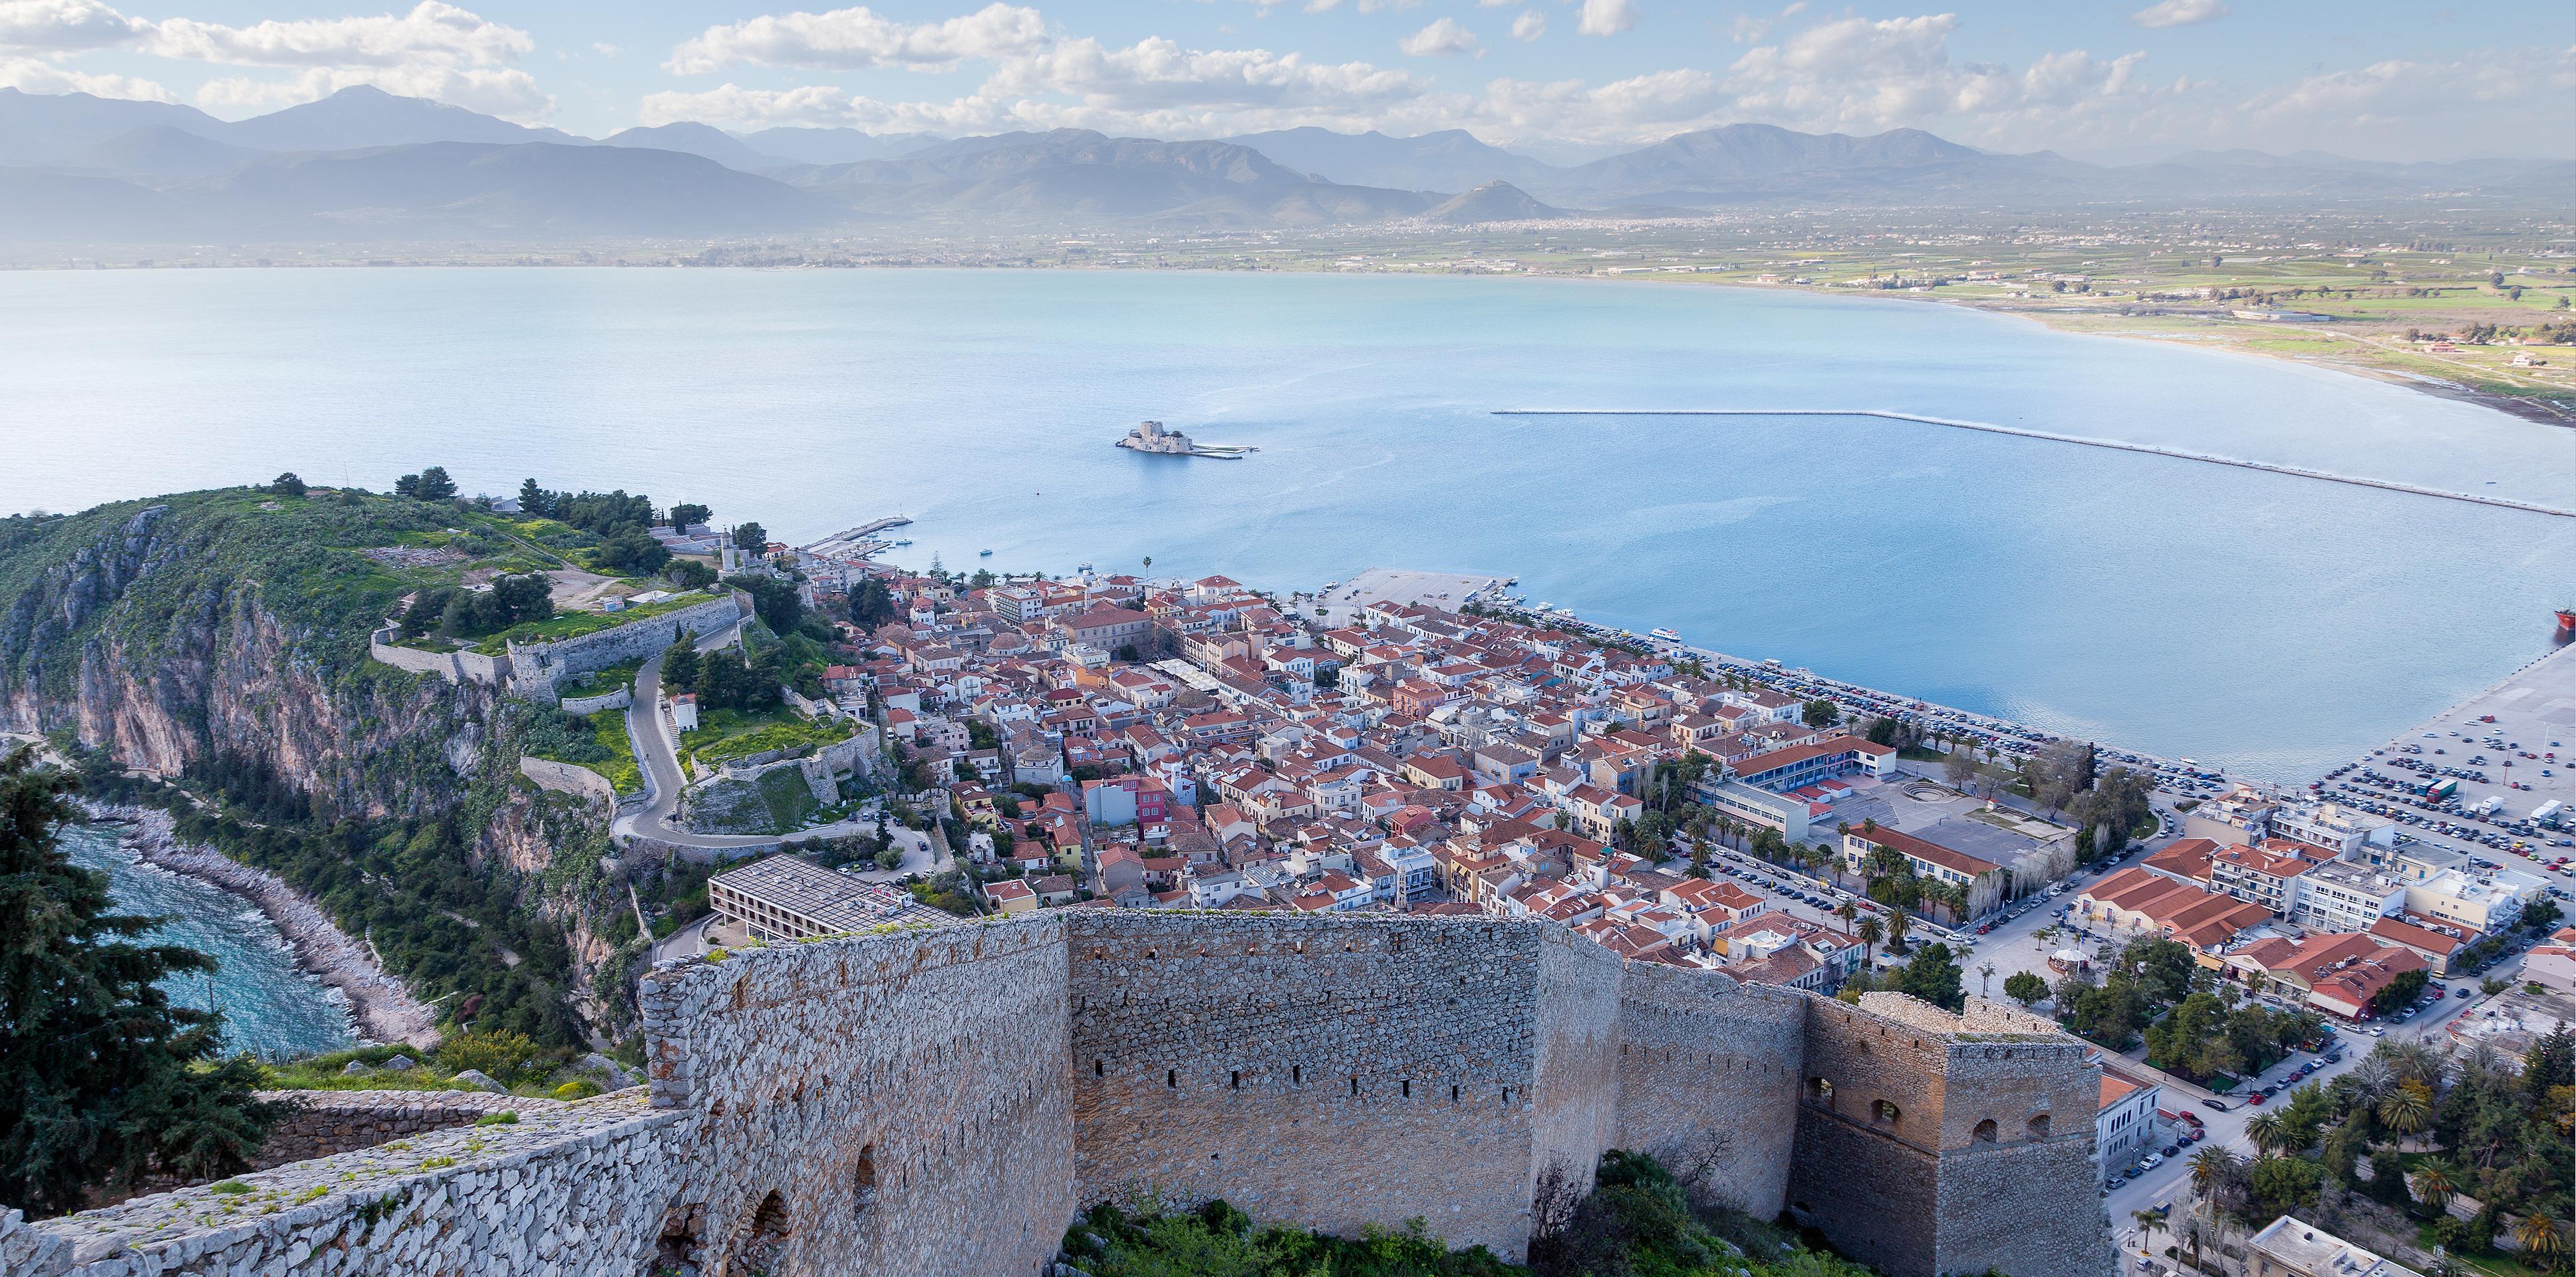 Salir de la ciudad,Excursión a Delfos,Excursión a Micenas,Excursión a Epidauro,Excursión 4 días